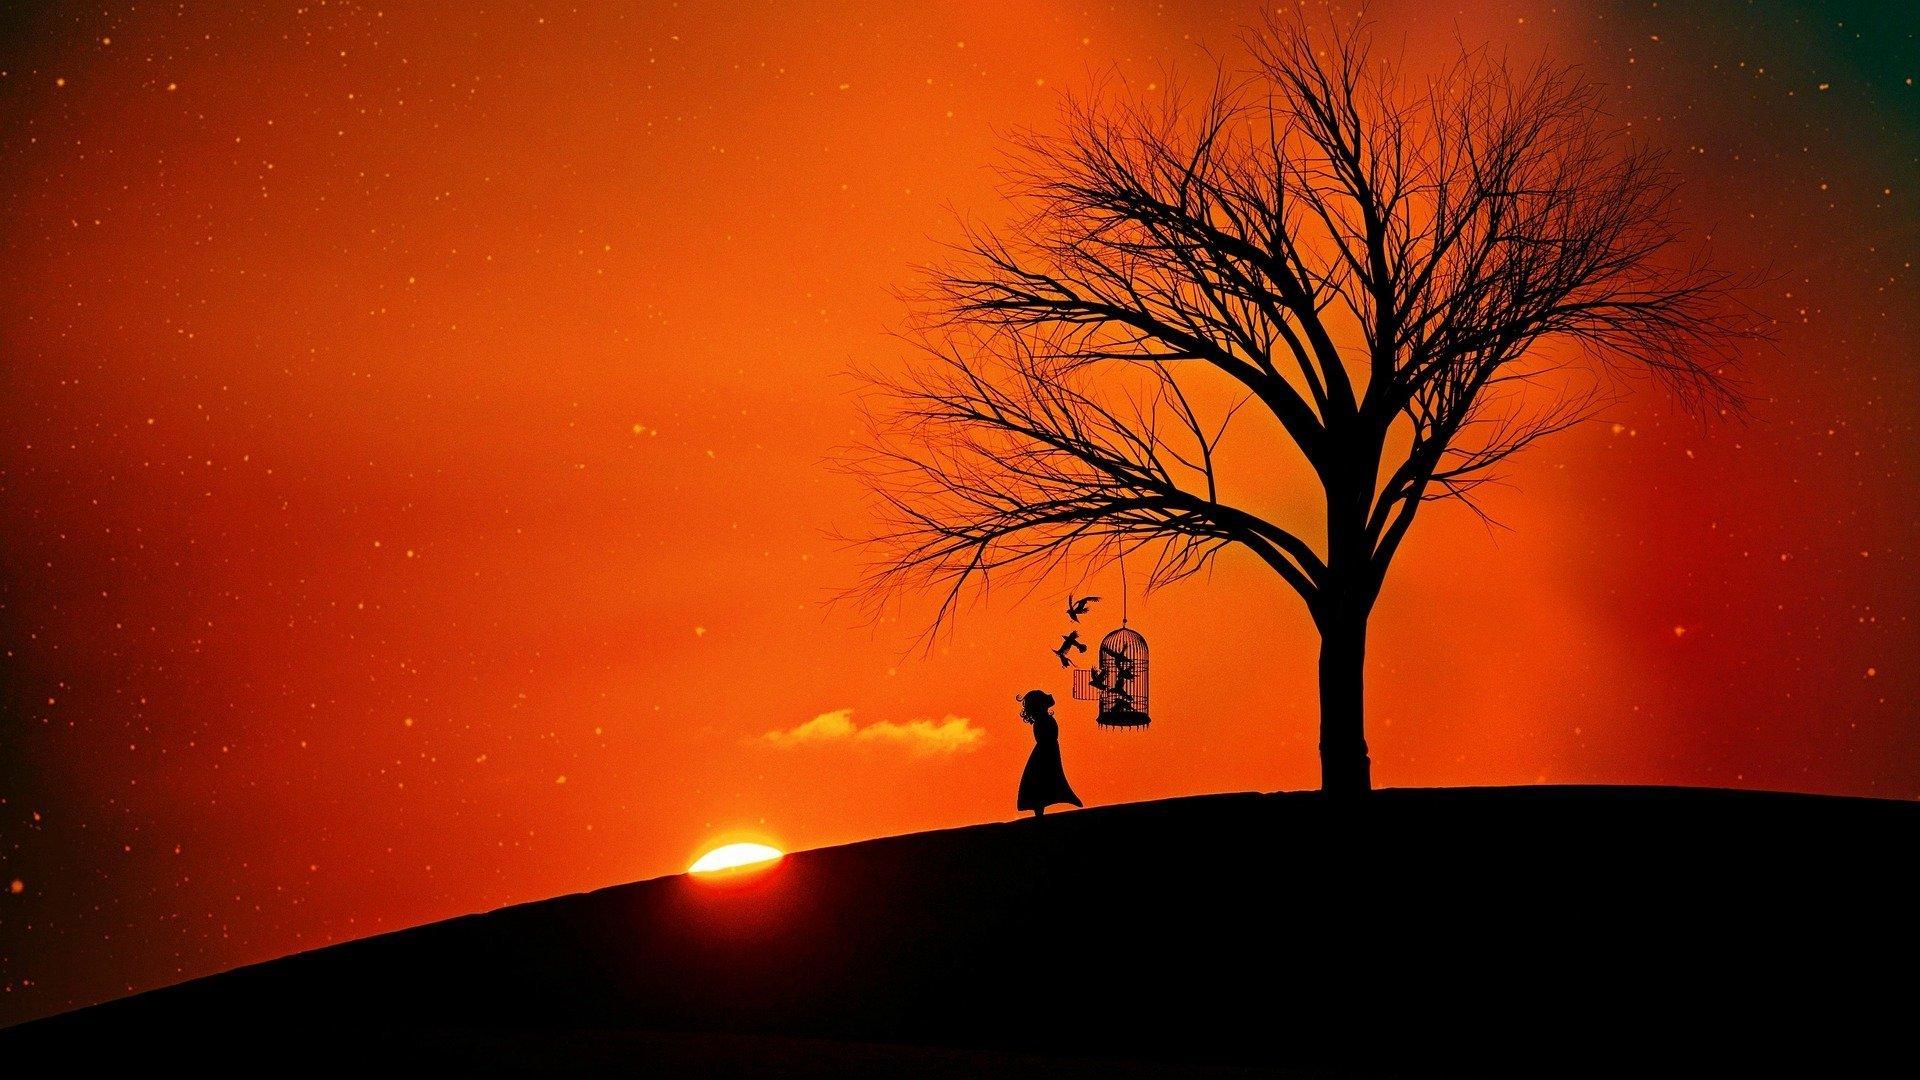 al tramonto una bambina libera degli uccelli da una gabbia appesa ad un albero spoglio